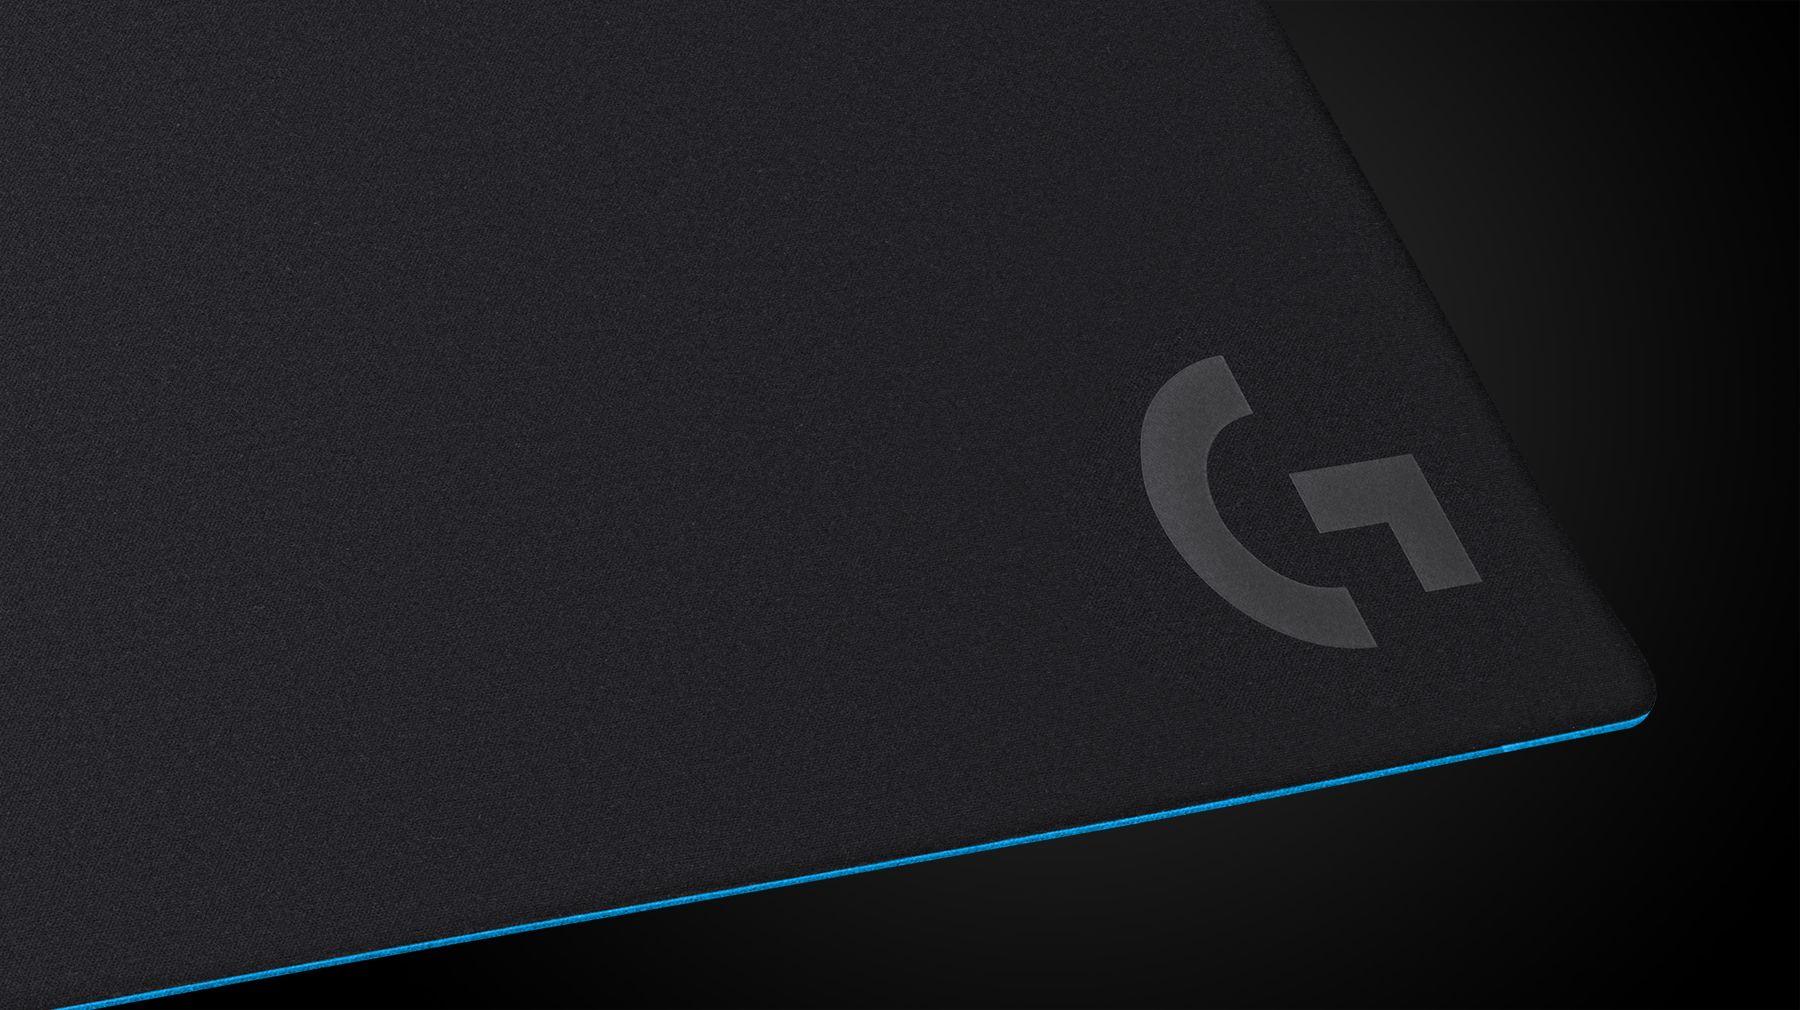 ماوس پد گیمینگ لاجیتک مدل G840 XL Gaming Mousepad